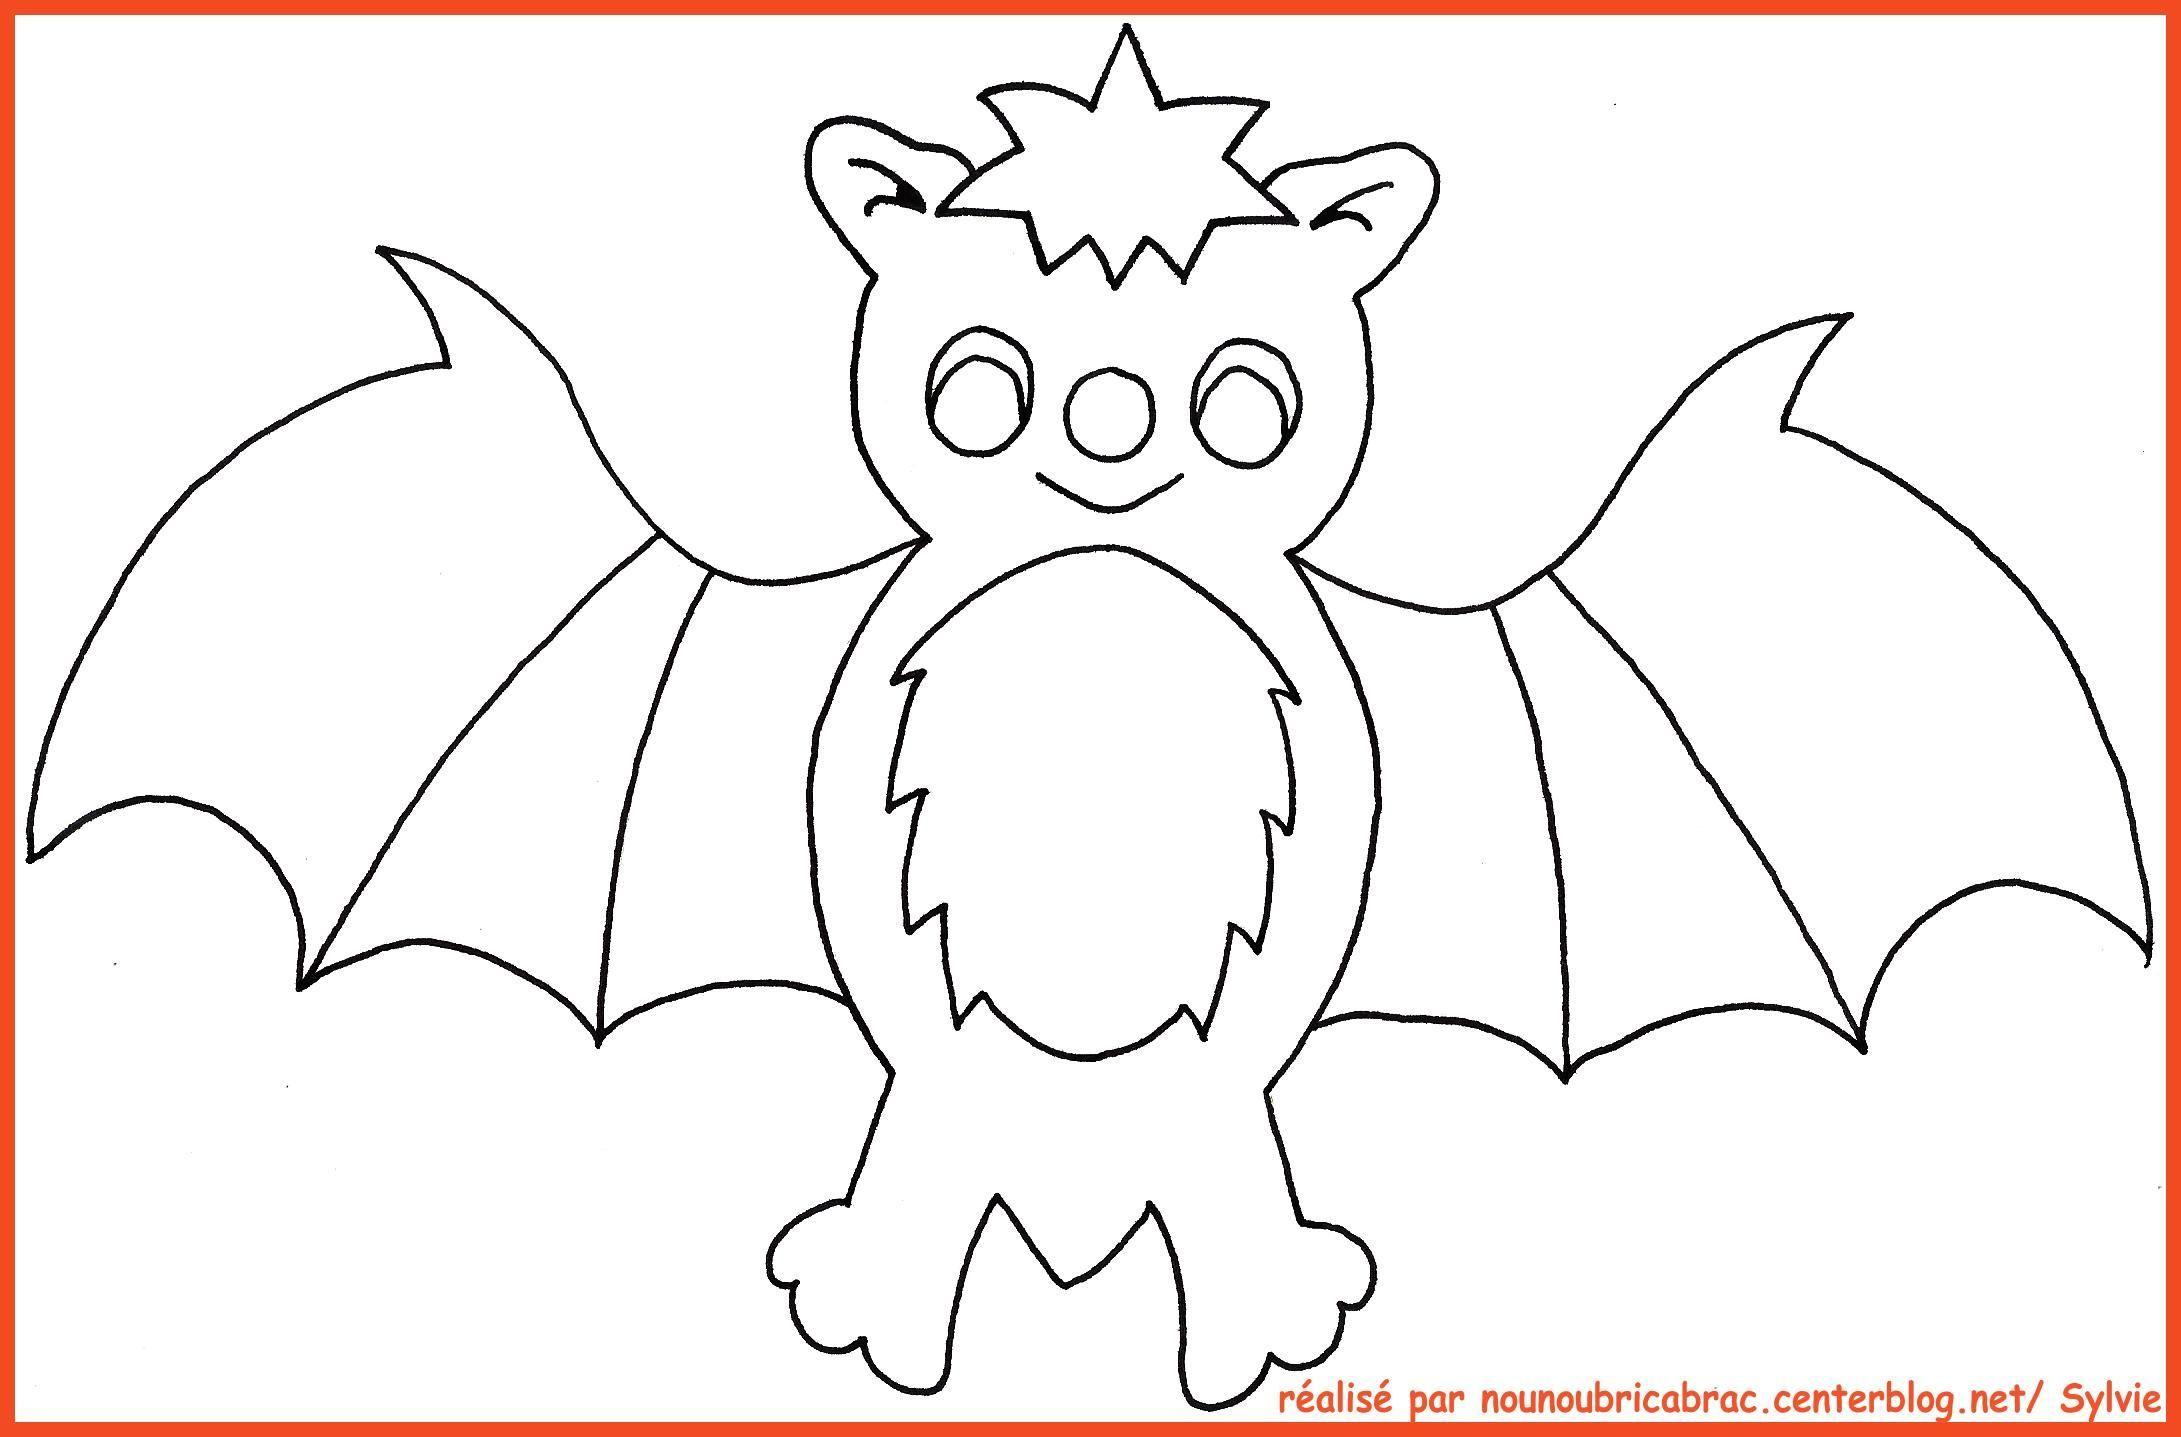 Coloriages Halloween concernant Dessin Chauve Souris À Colorier